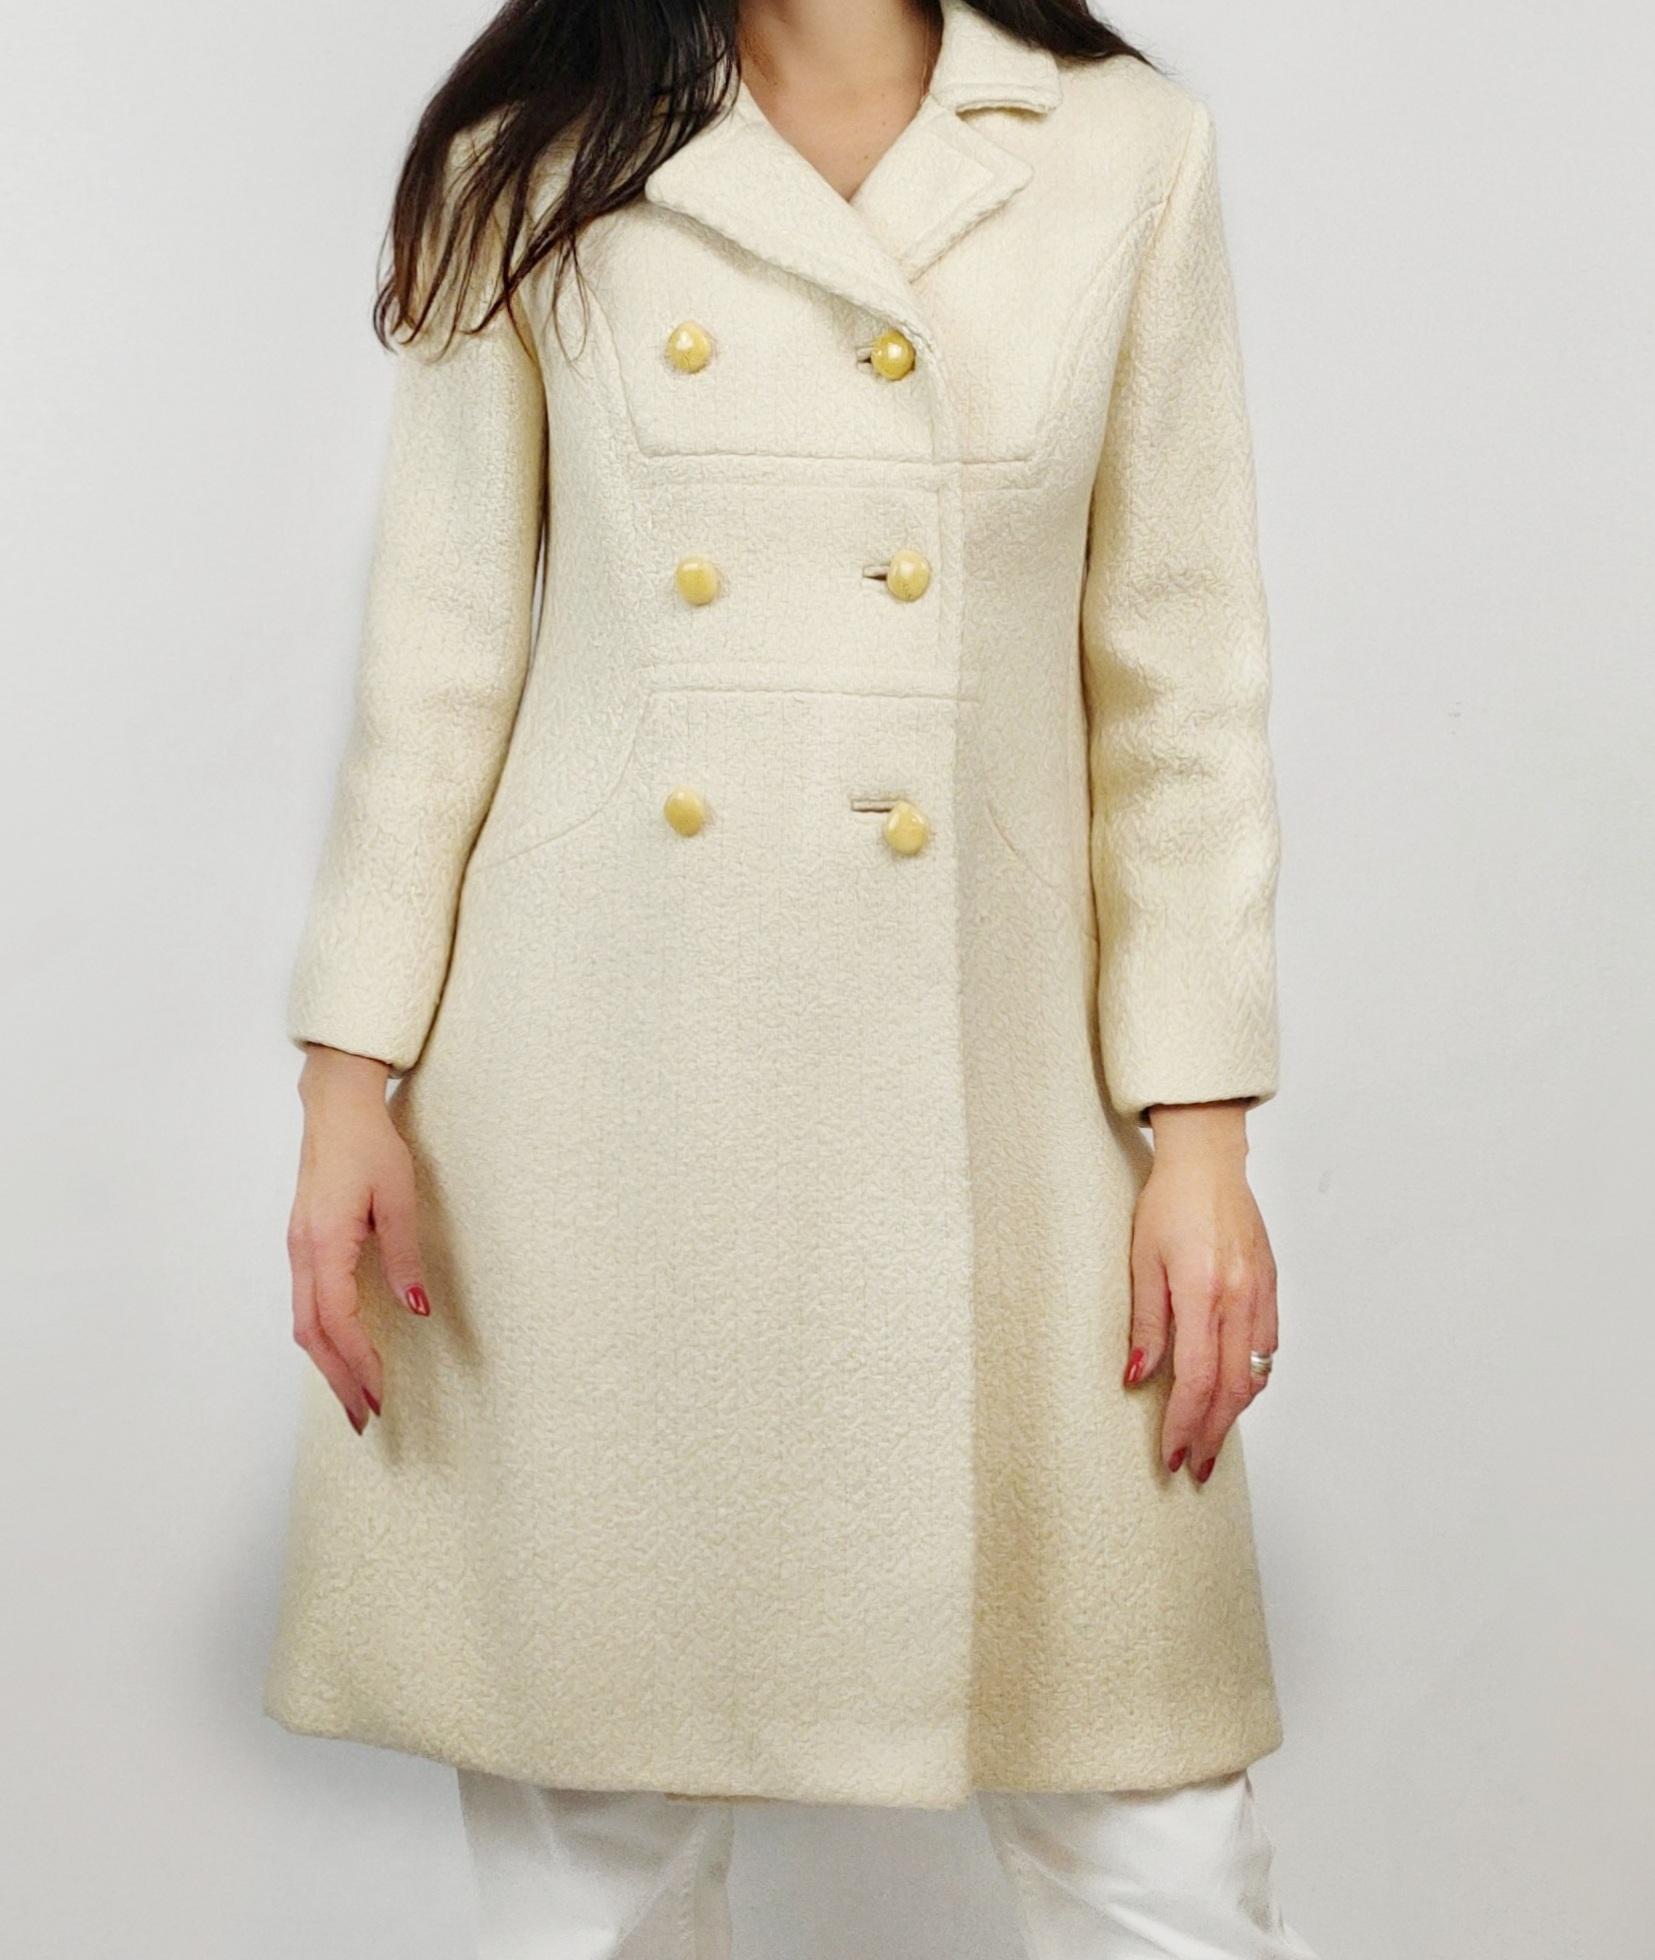 cream white coat